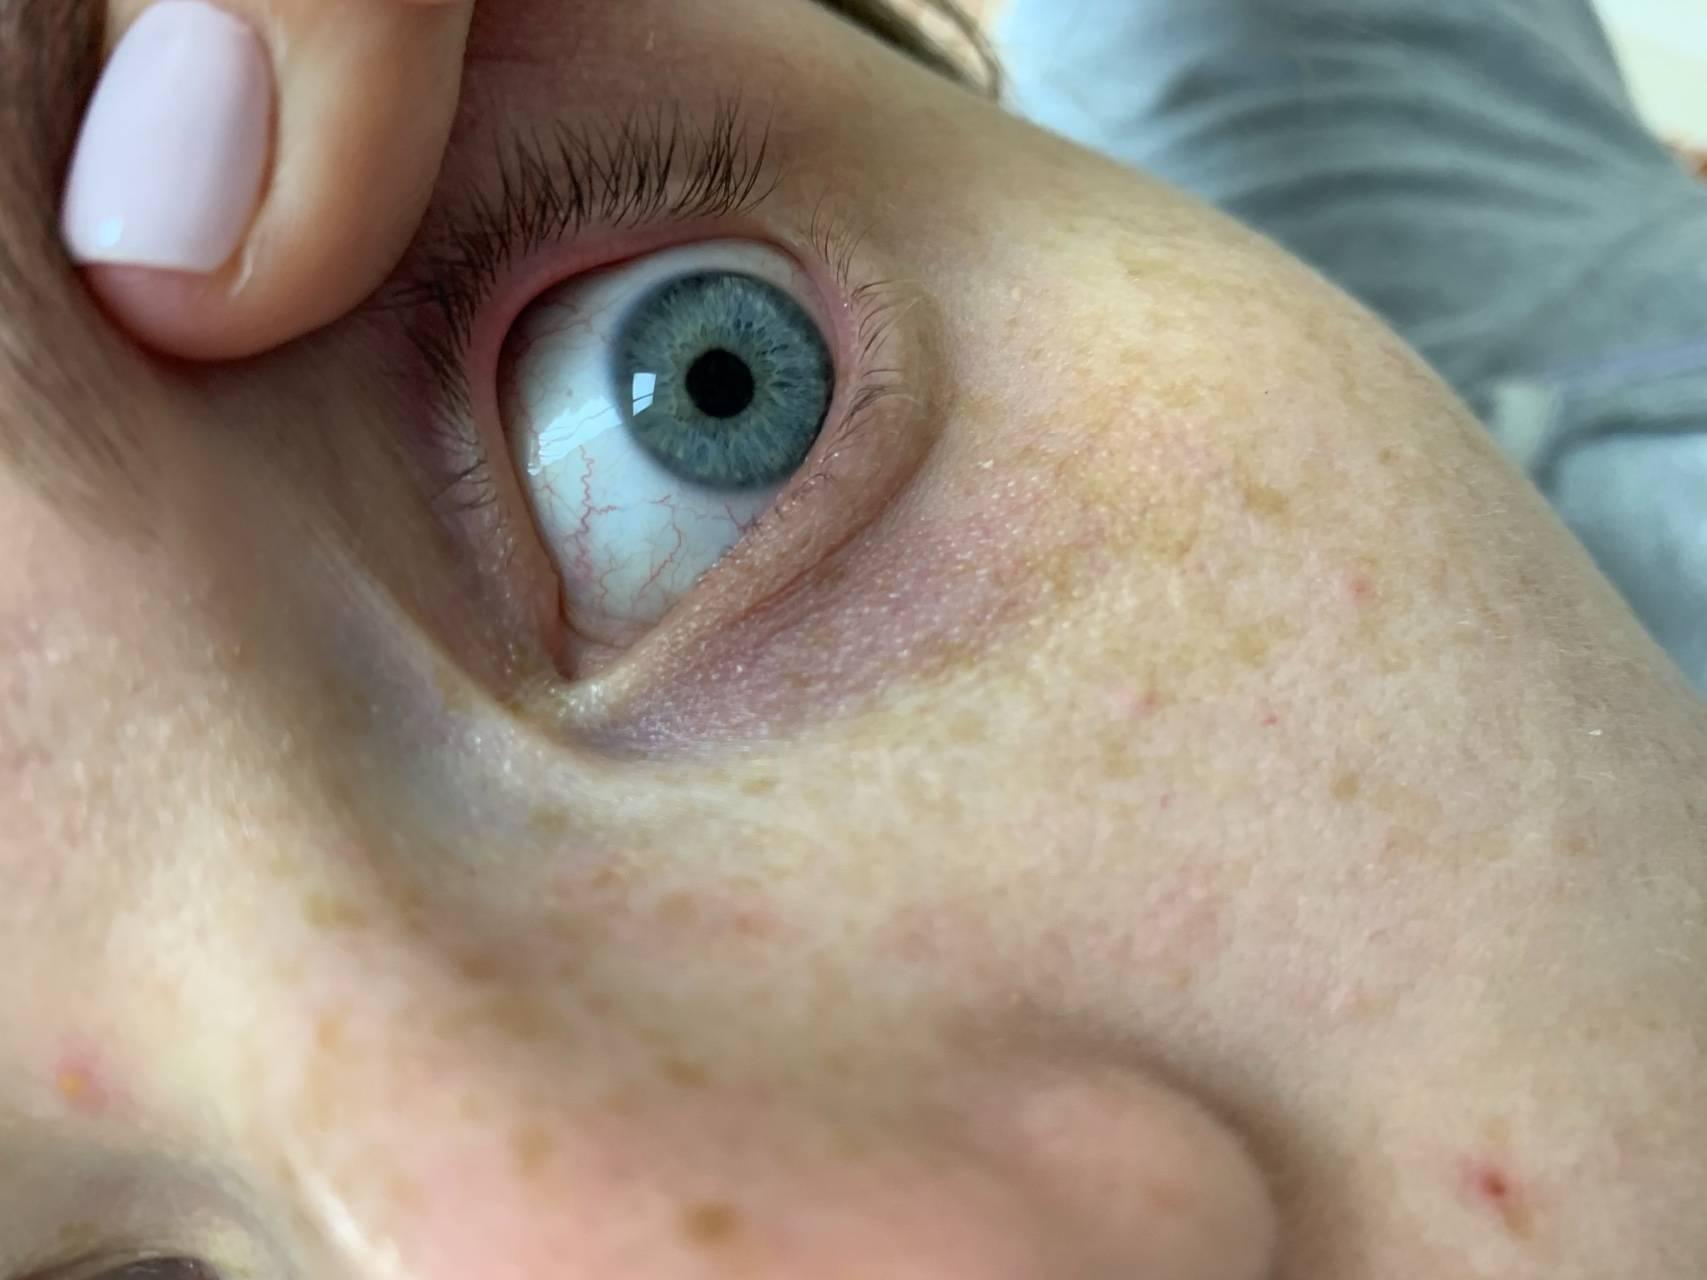 Синие белки глаз причины. из-за чего бывают голубыми белки глаз? симптомы, диагностика и лечение - про здоровье